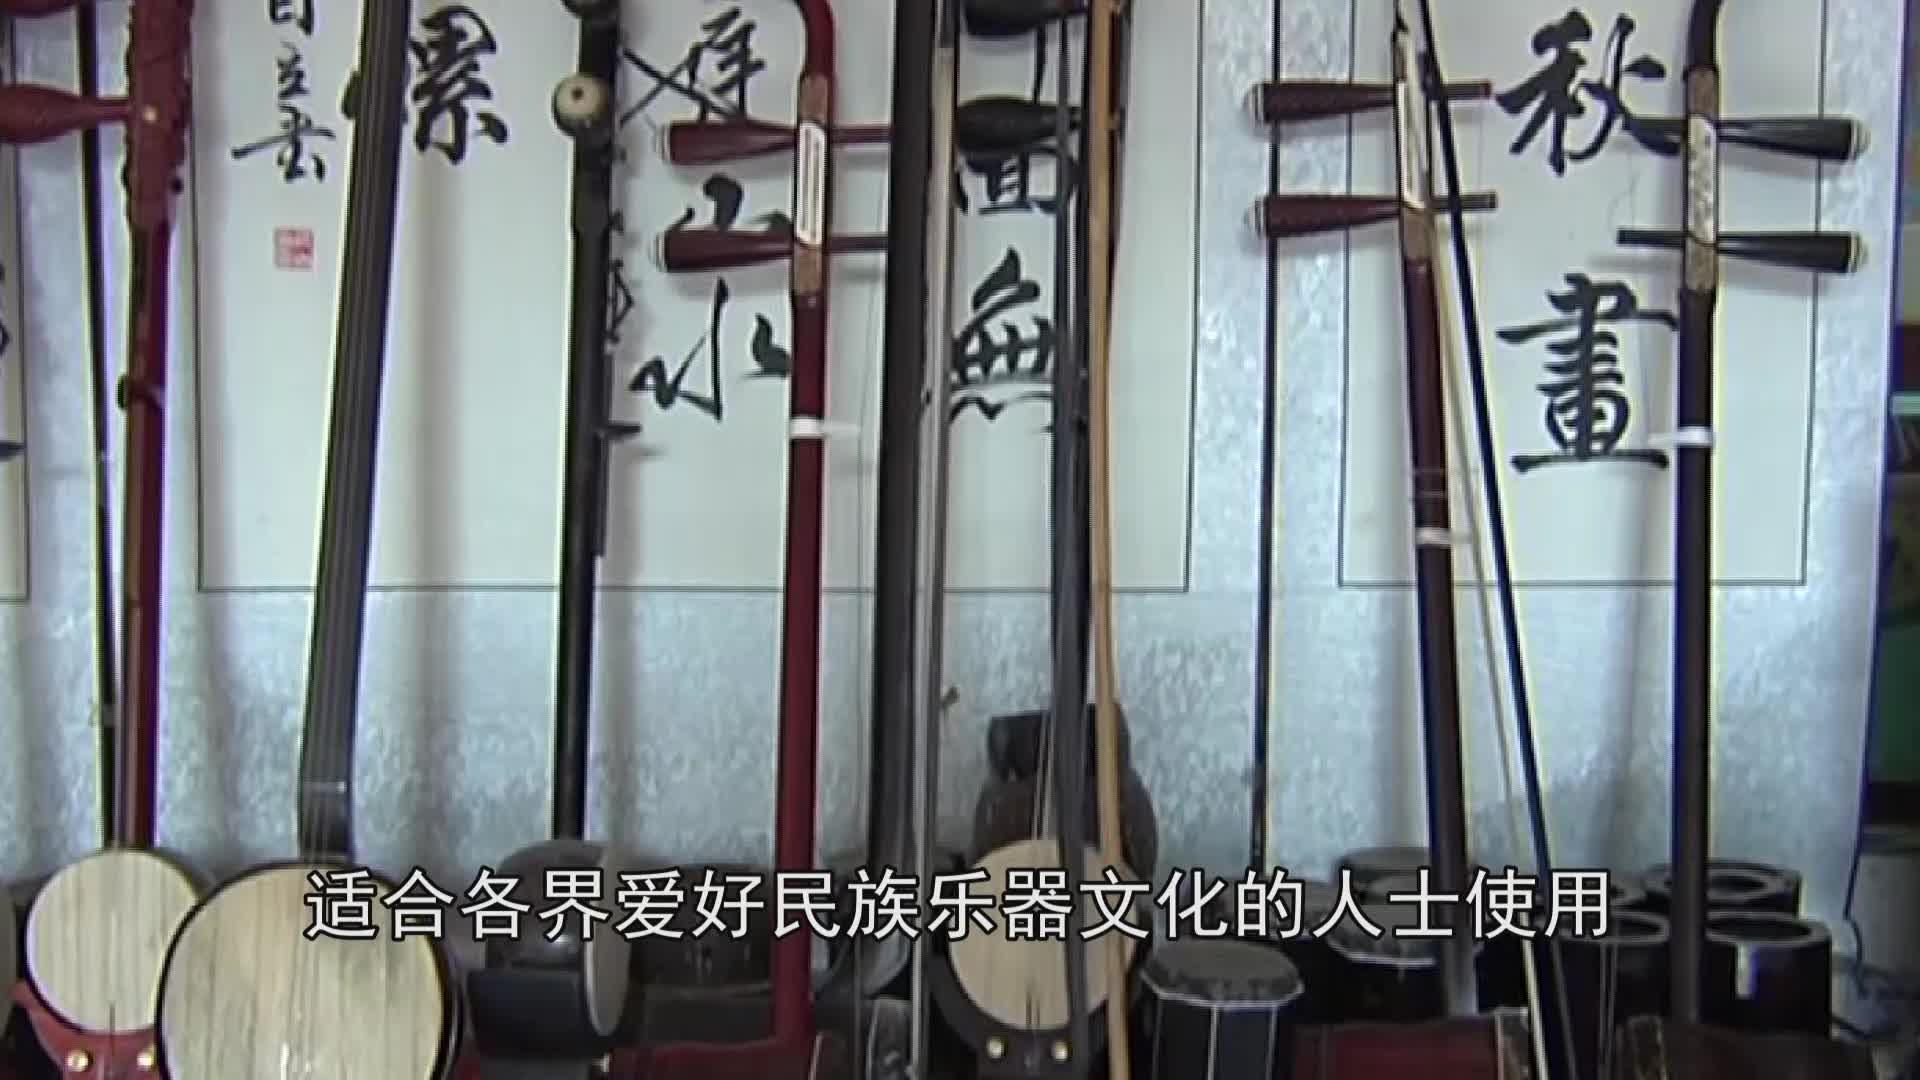 短視頻《非遺文化·匠心傳承》——華藝樂器坊樂器制作技藝